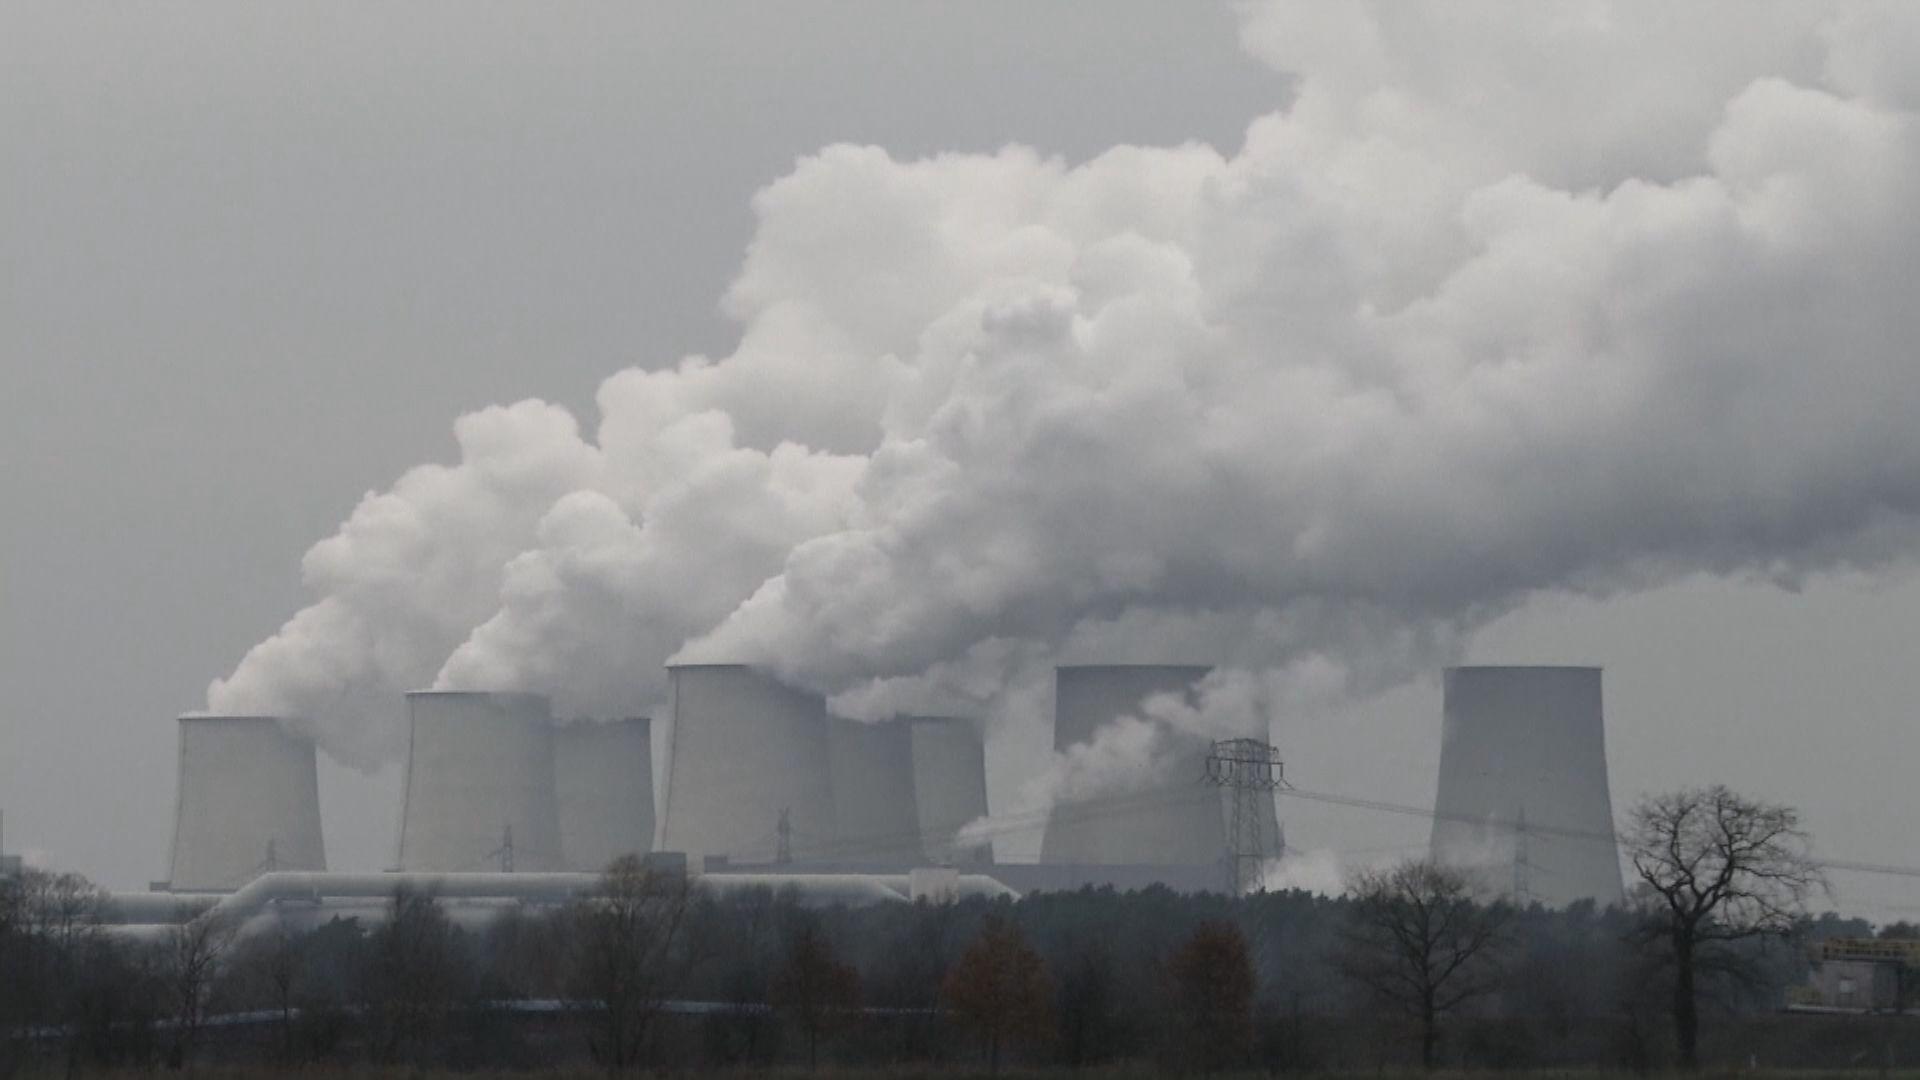 聯合國世界氣象組織指去年溫室氣體濃度創新高